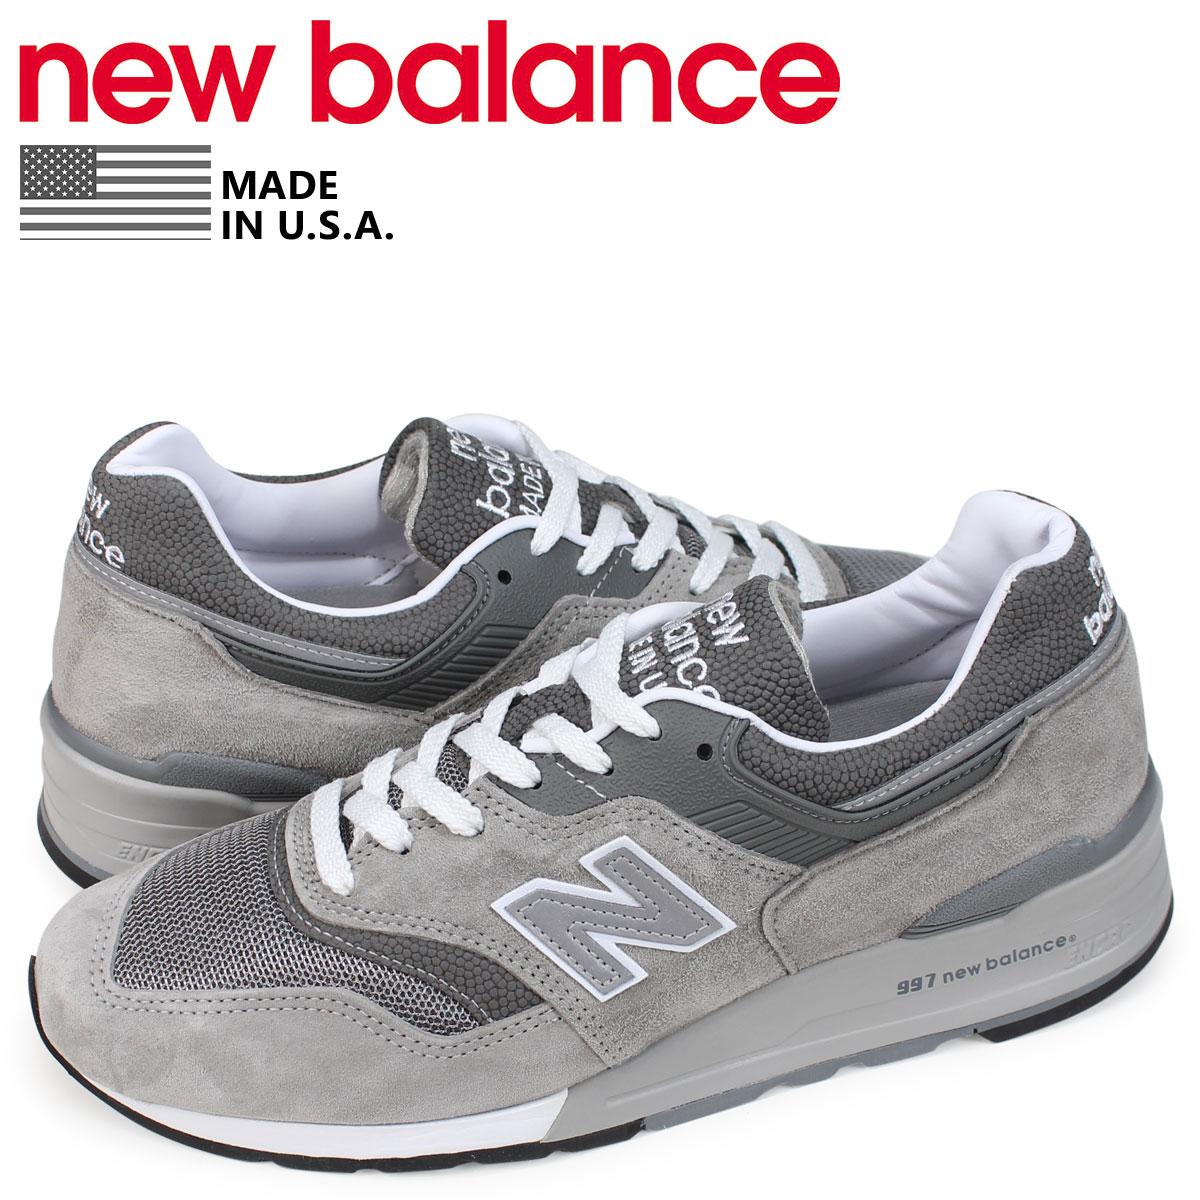 【最大2000円OFFクーポン】 ニューバランス new balance 997 スニーカー メンズ Dワイズ MADE IN USA グレー M997GY [2/5 追加入荷]